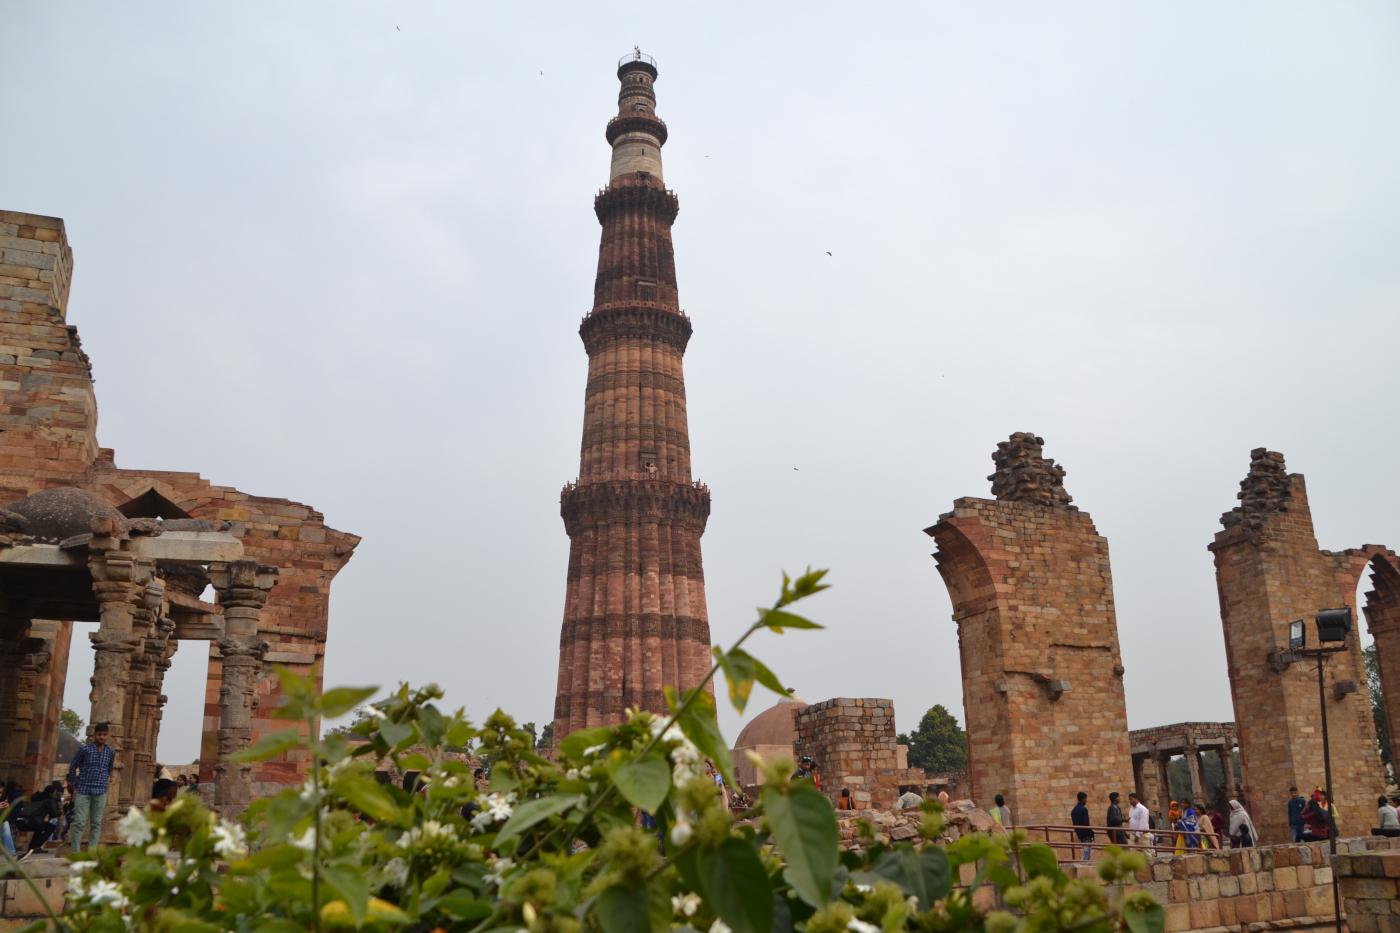 Фото 7. Великолепная башня-минарет Кутб-Минар. Как мы поехали на самостоятельную экскурсию в Дели во время перелета на Мальдивы через Казахстан, Индию и Шри-Ланку. 1/400, 10, 100, 55.